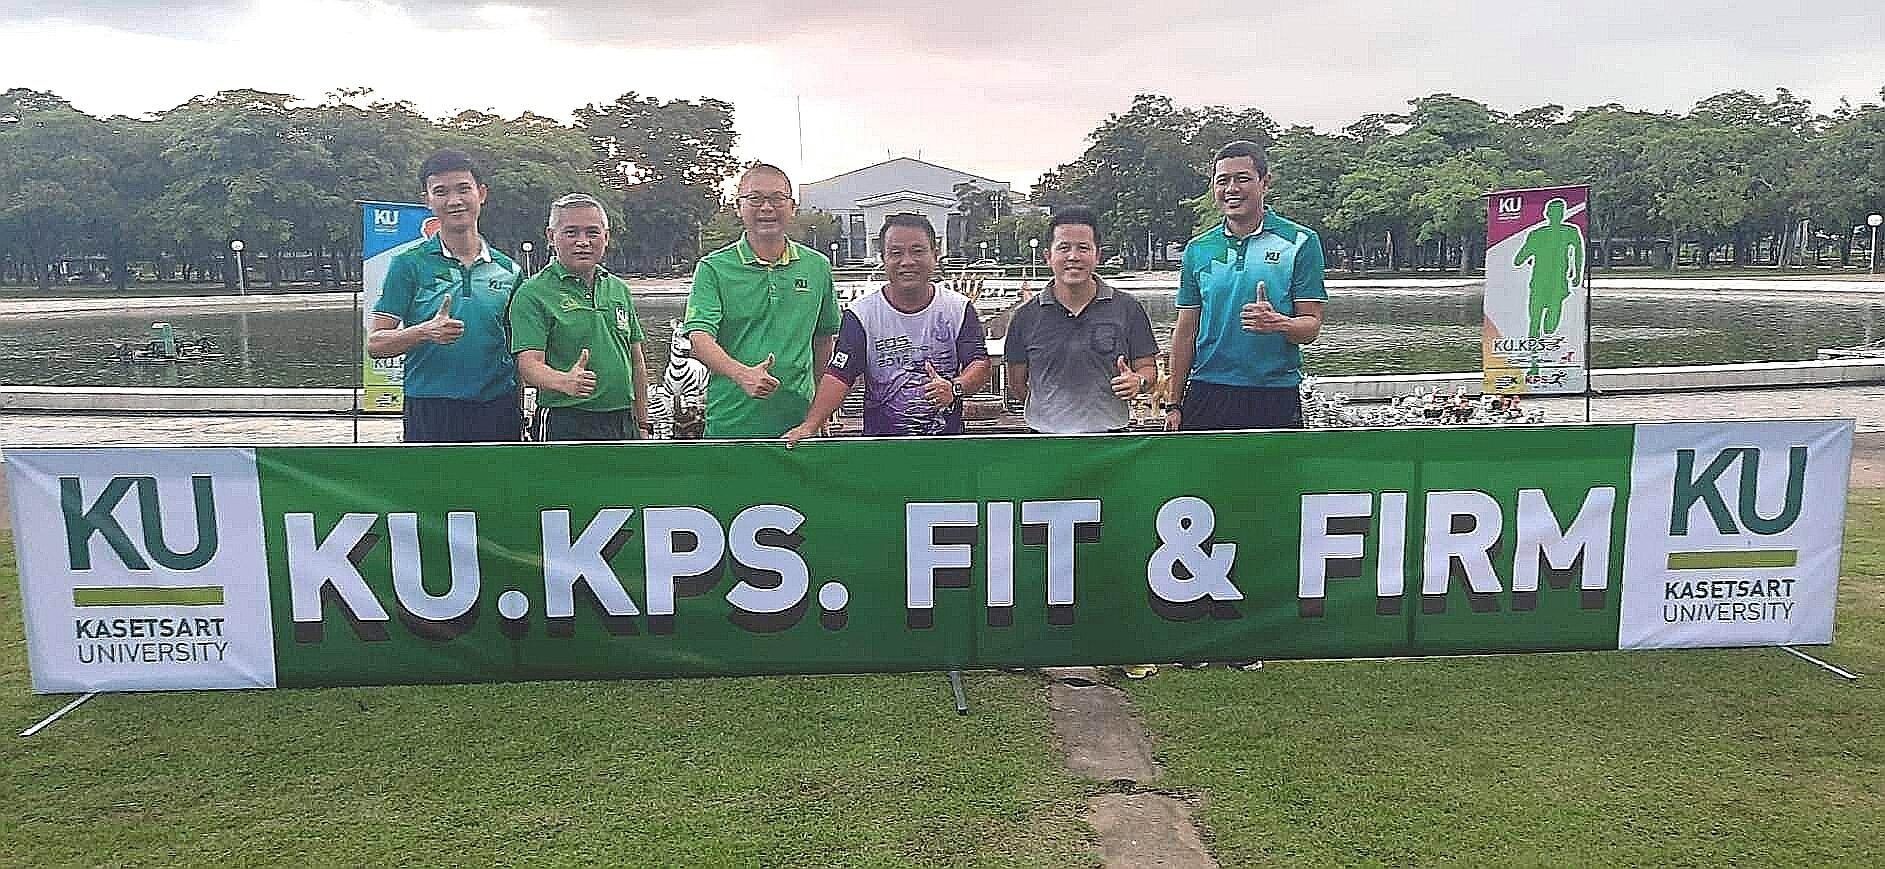 เกษตรฯ กำแพงแสน ชวนขยับรับรางวัล กับ KU.KPS.FIT&FIRM